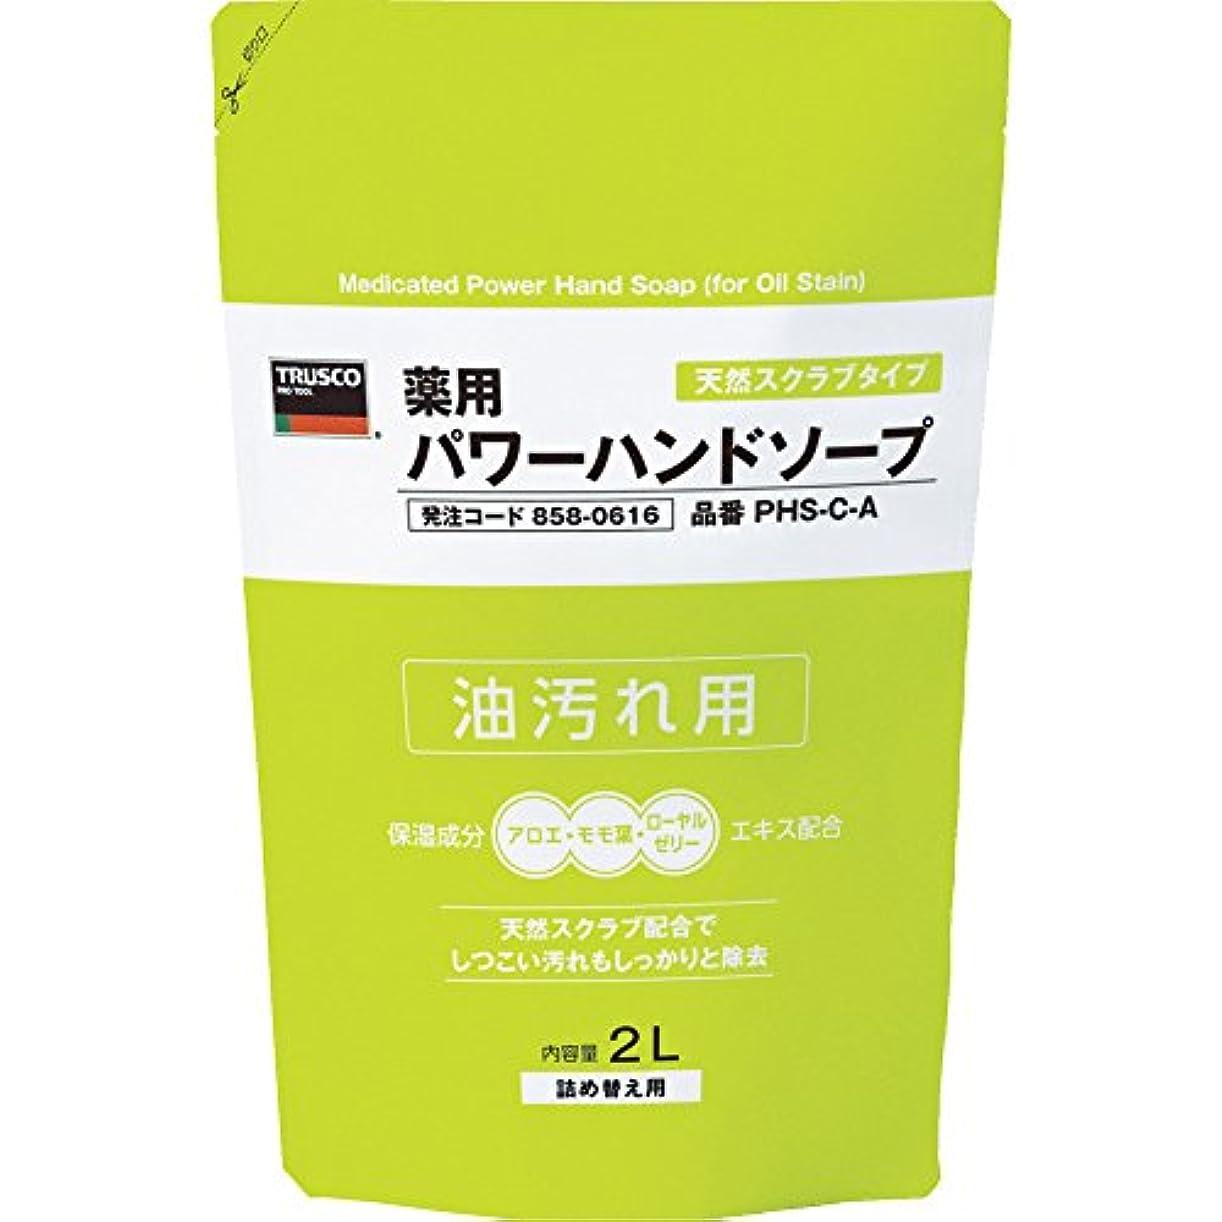 乱す鎖フルーツTRUSCO(トラスコ) 薬用パワーハンドソープ 詰替パック 2.0L PHS-C-A